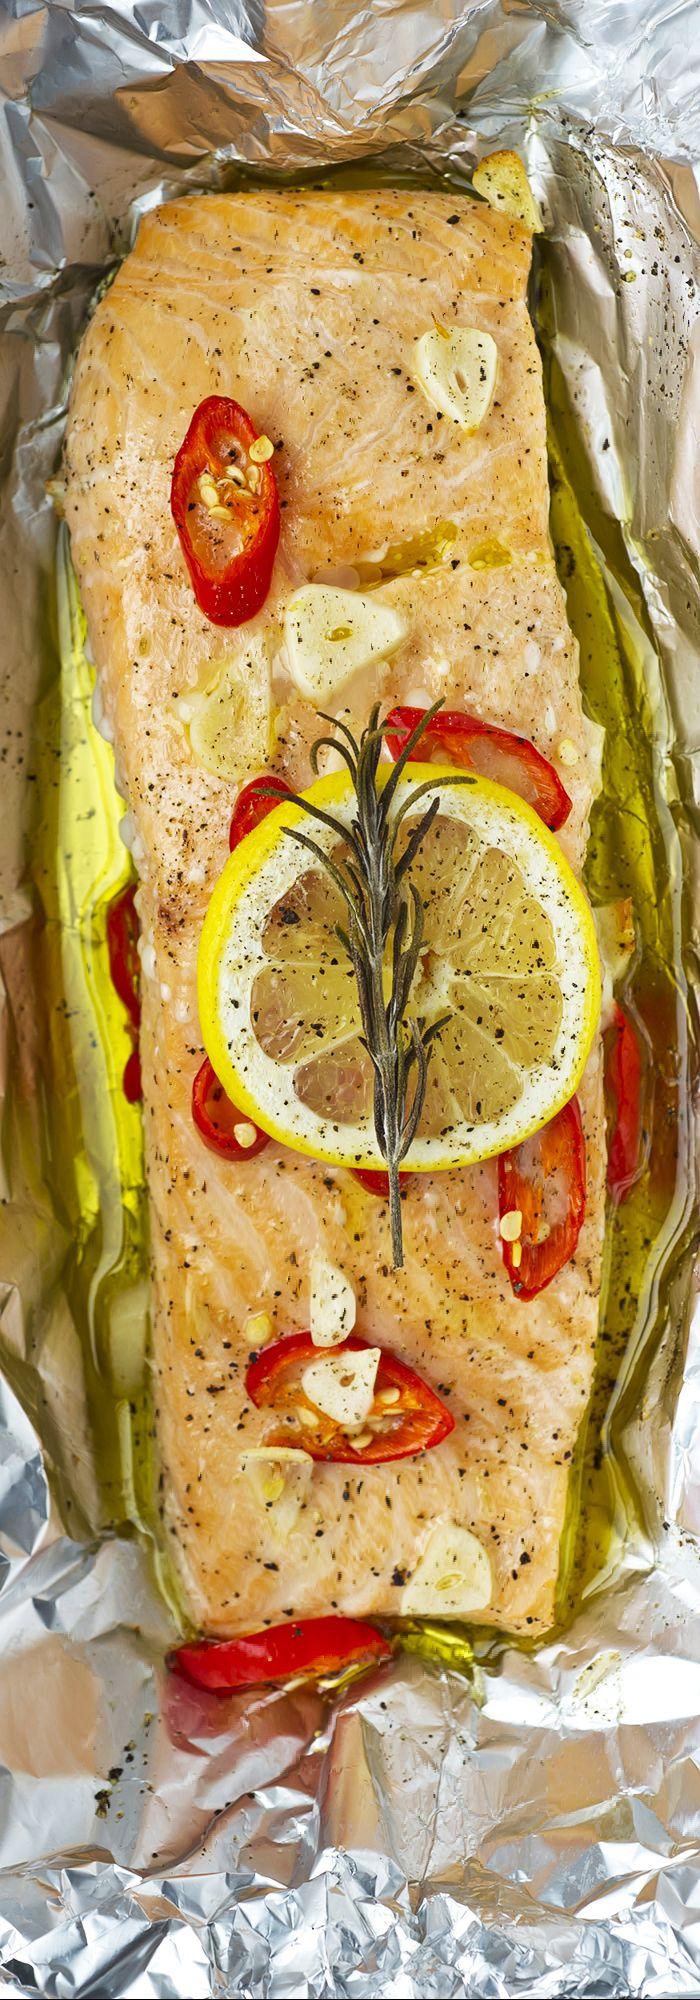 Salmon:  Pré-aqueça o forno a 200˚C. Corte em quadrados a folha de alumínio (precisa ser grande o suficiente para manter os filés de salmão e poder ser dobrado.) Coloque o salmão no centro do papel alumínio e regue com azeite . Cubra com o pimentão, alho, limão e alecrim (ou outras ervas ) e uma de pimenta preta. Enrole a folha em torno do peixe para formar um pacote seguro e coloque em uma assadeira. Asse no forno por aproximadamente 15 min. Sirva com arroz ou purê de batatas.